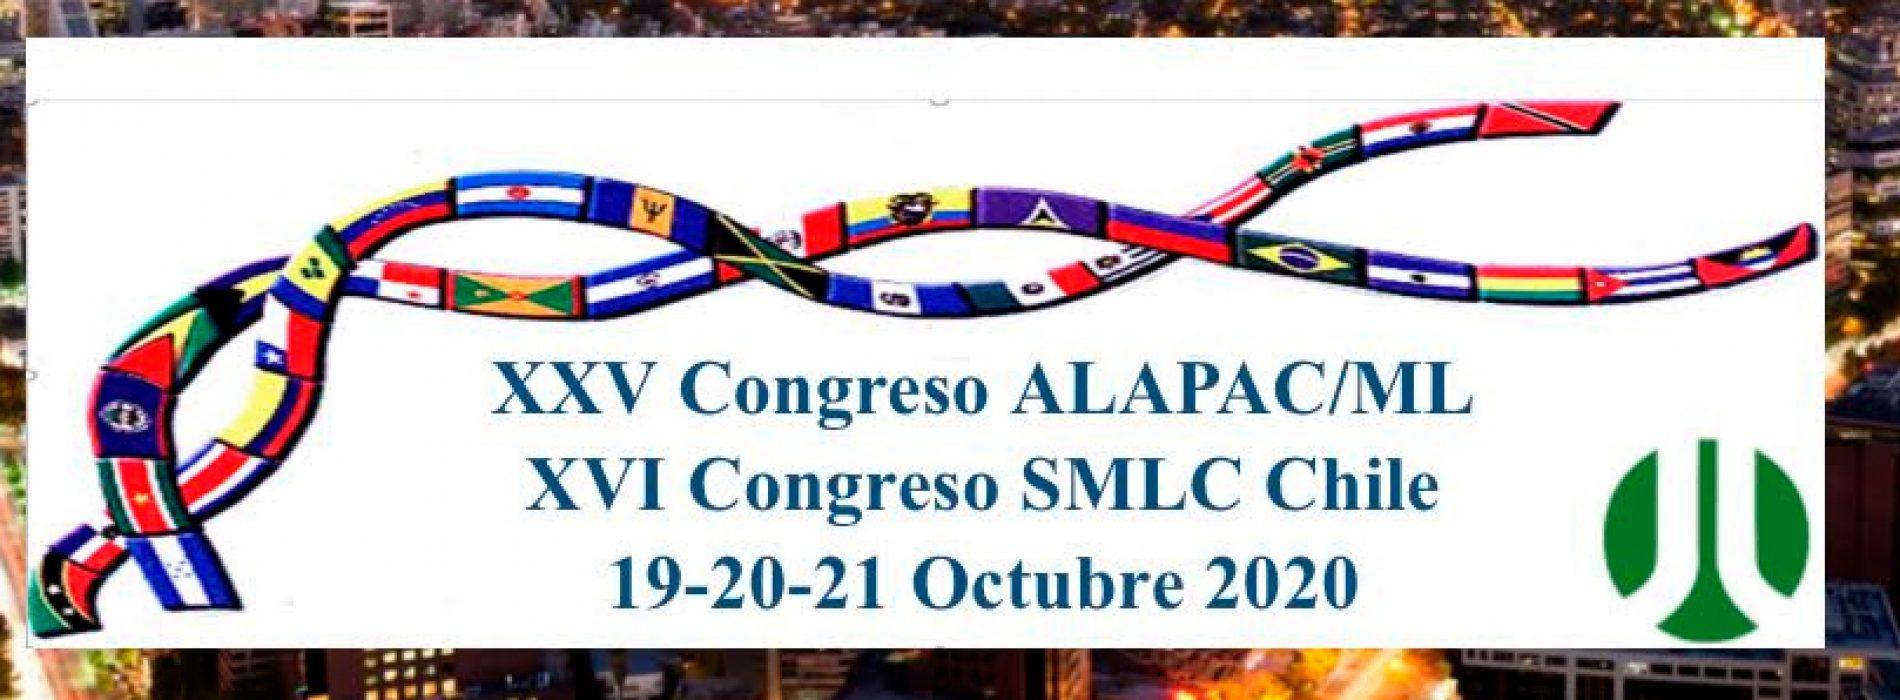 XXV Congreso Alapac-ML 2020 en Santiago